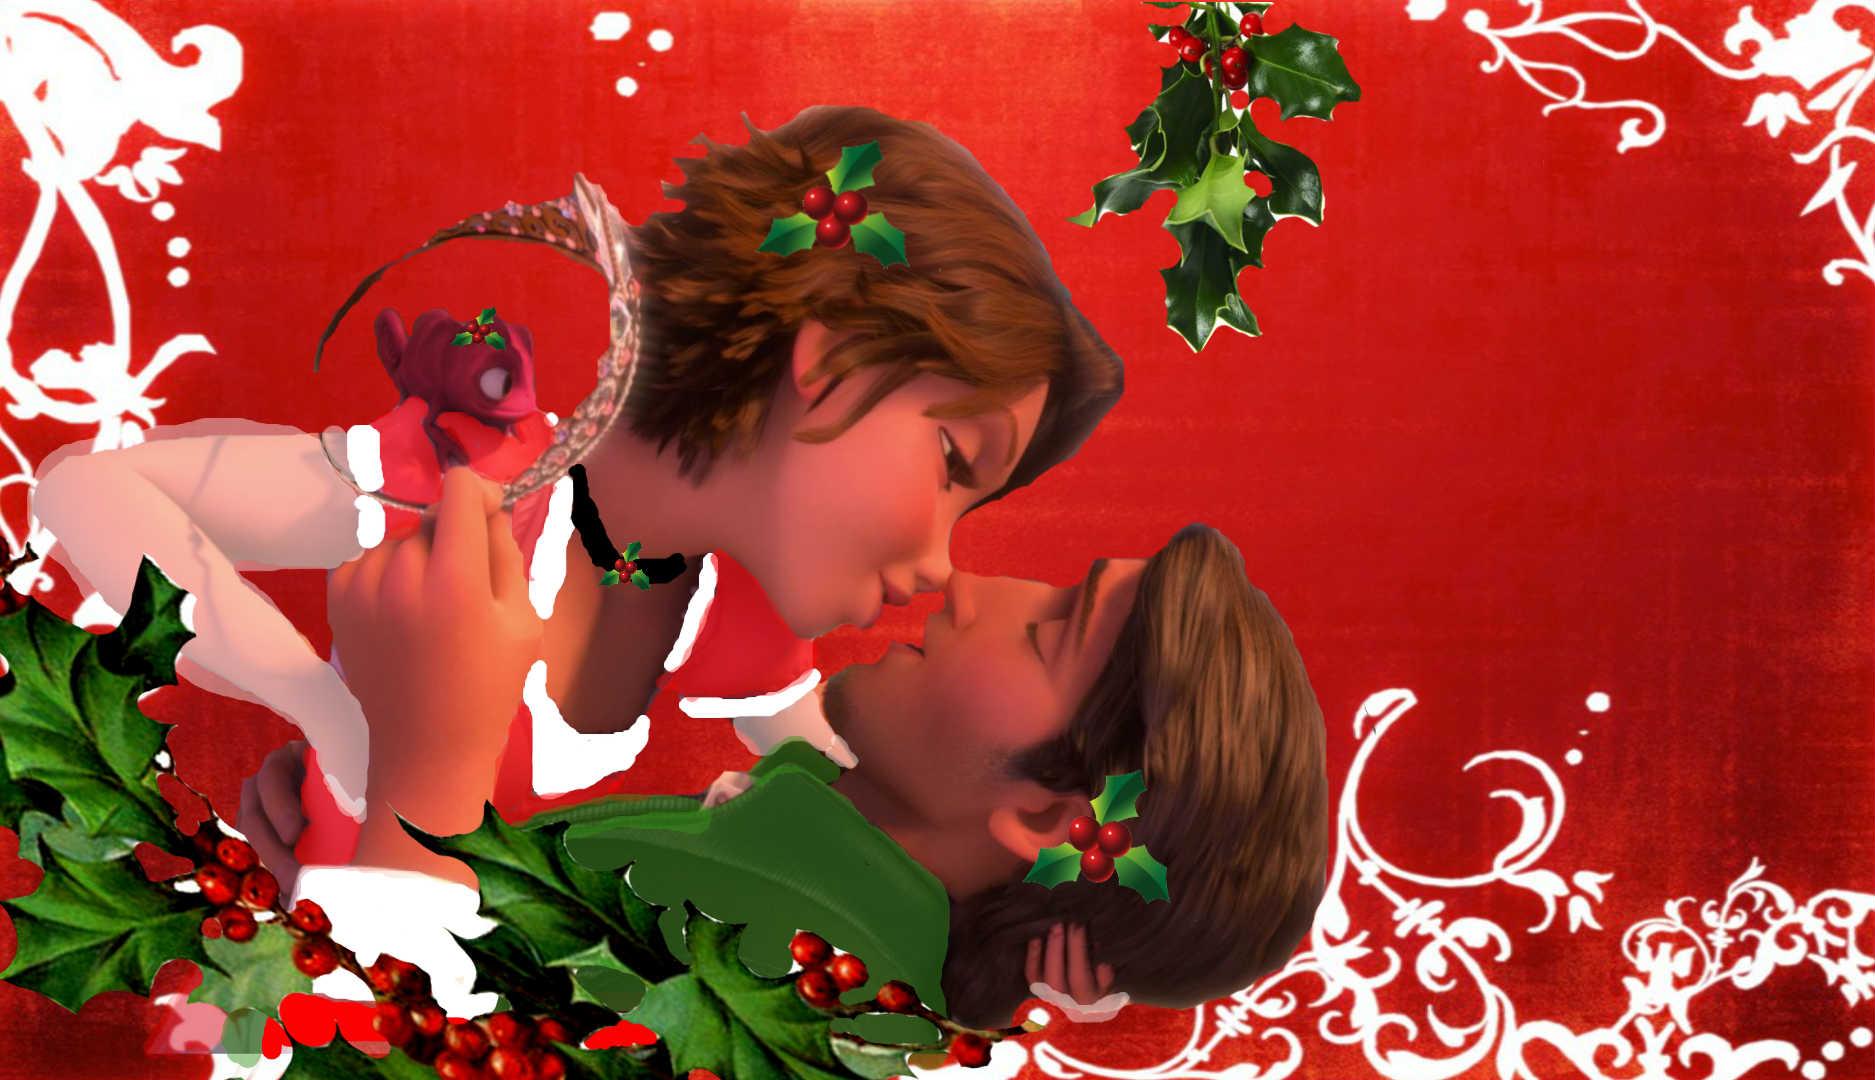 Rapunzel Fitzherbert Art (12Rapunzel) images Tangled Christmas Kiss ...